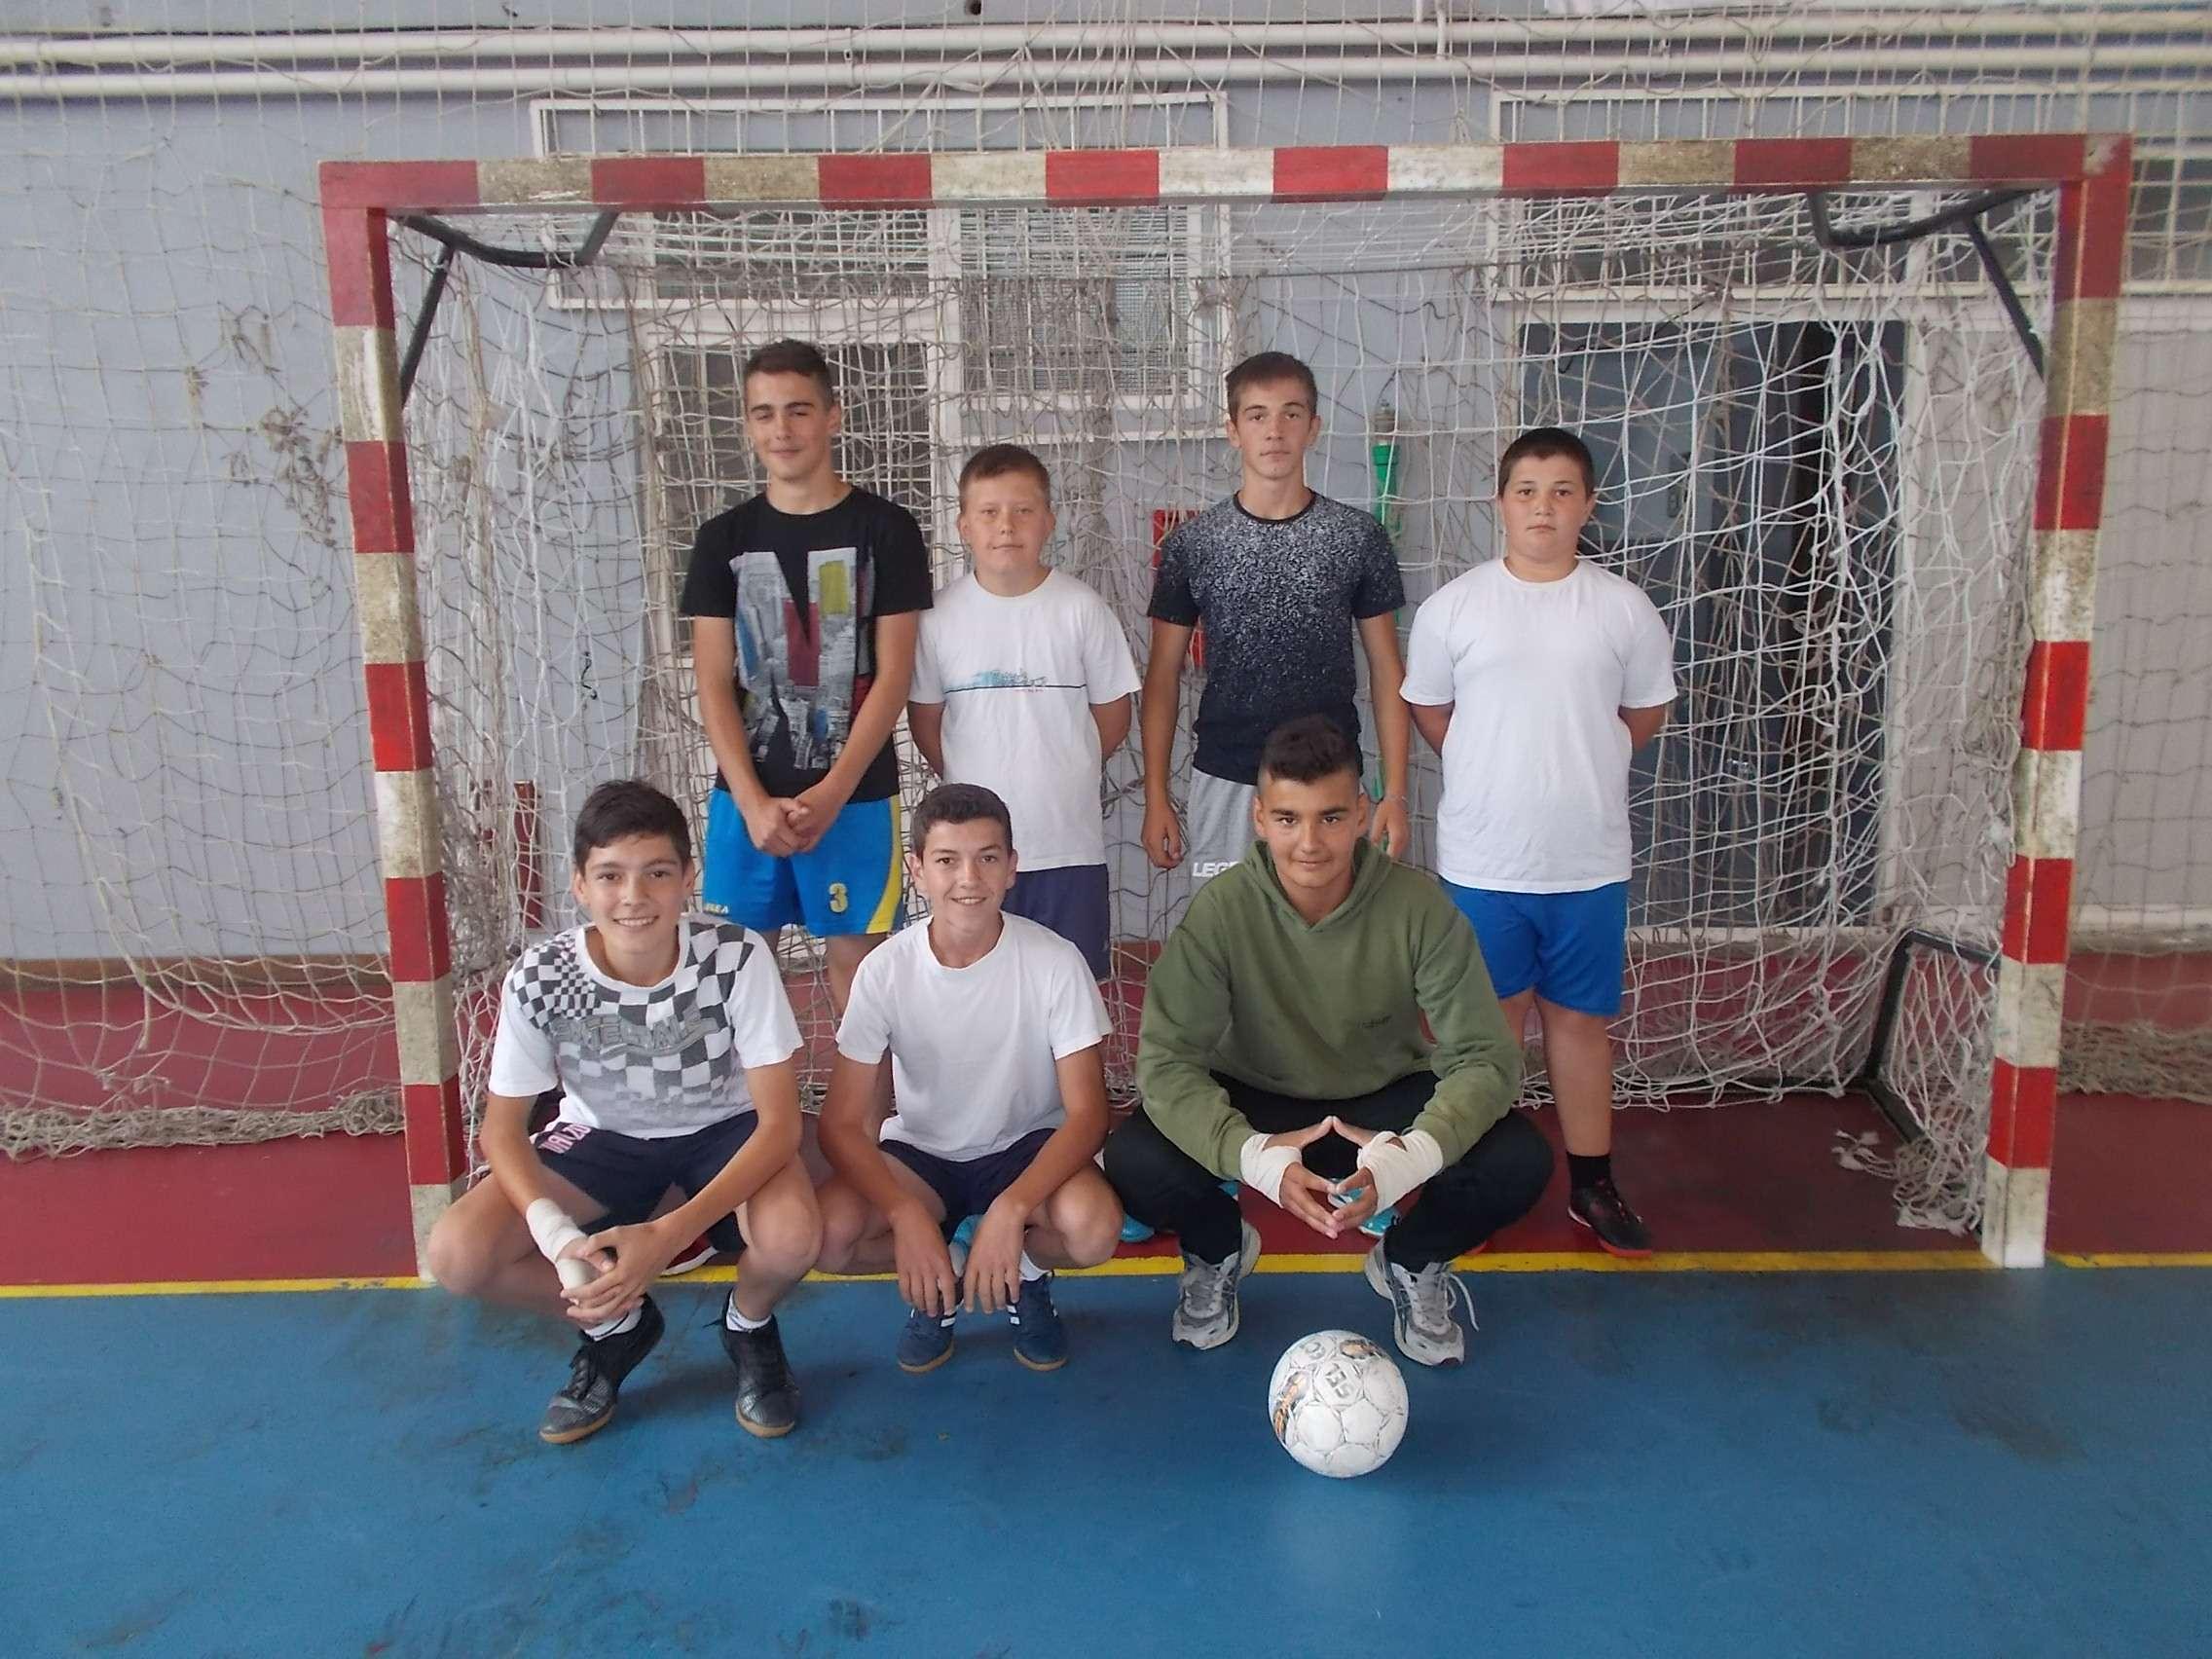 Sportek Kotor Varos – Nezavisni internet portal kotor varoša.